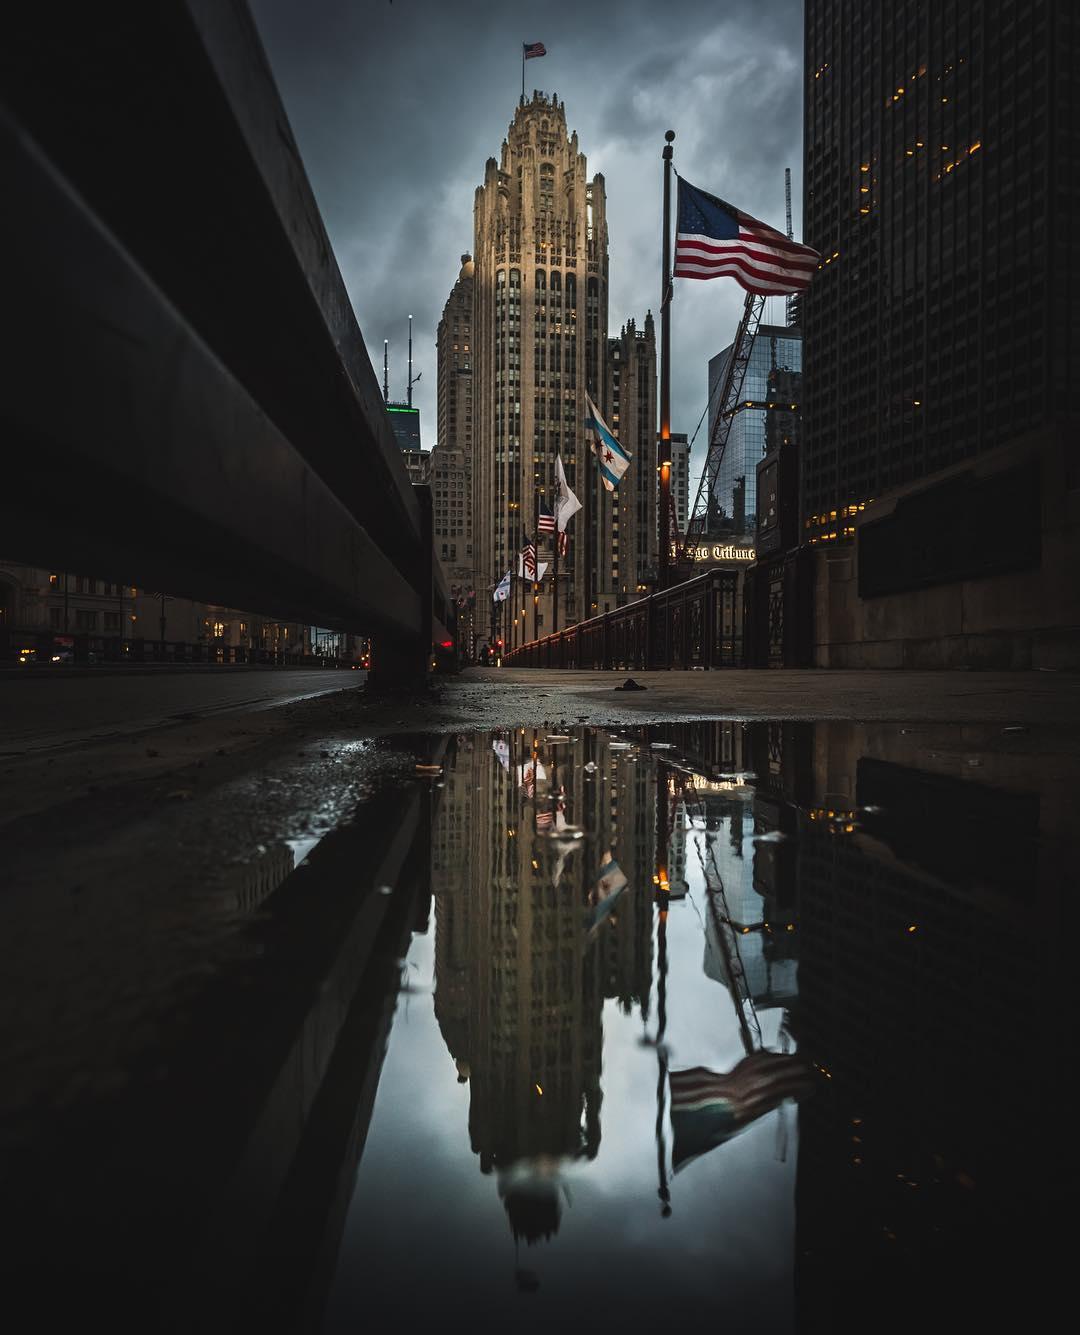 Впечатляющие городские пейзажи от Майка Майерса